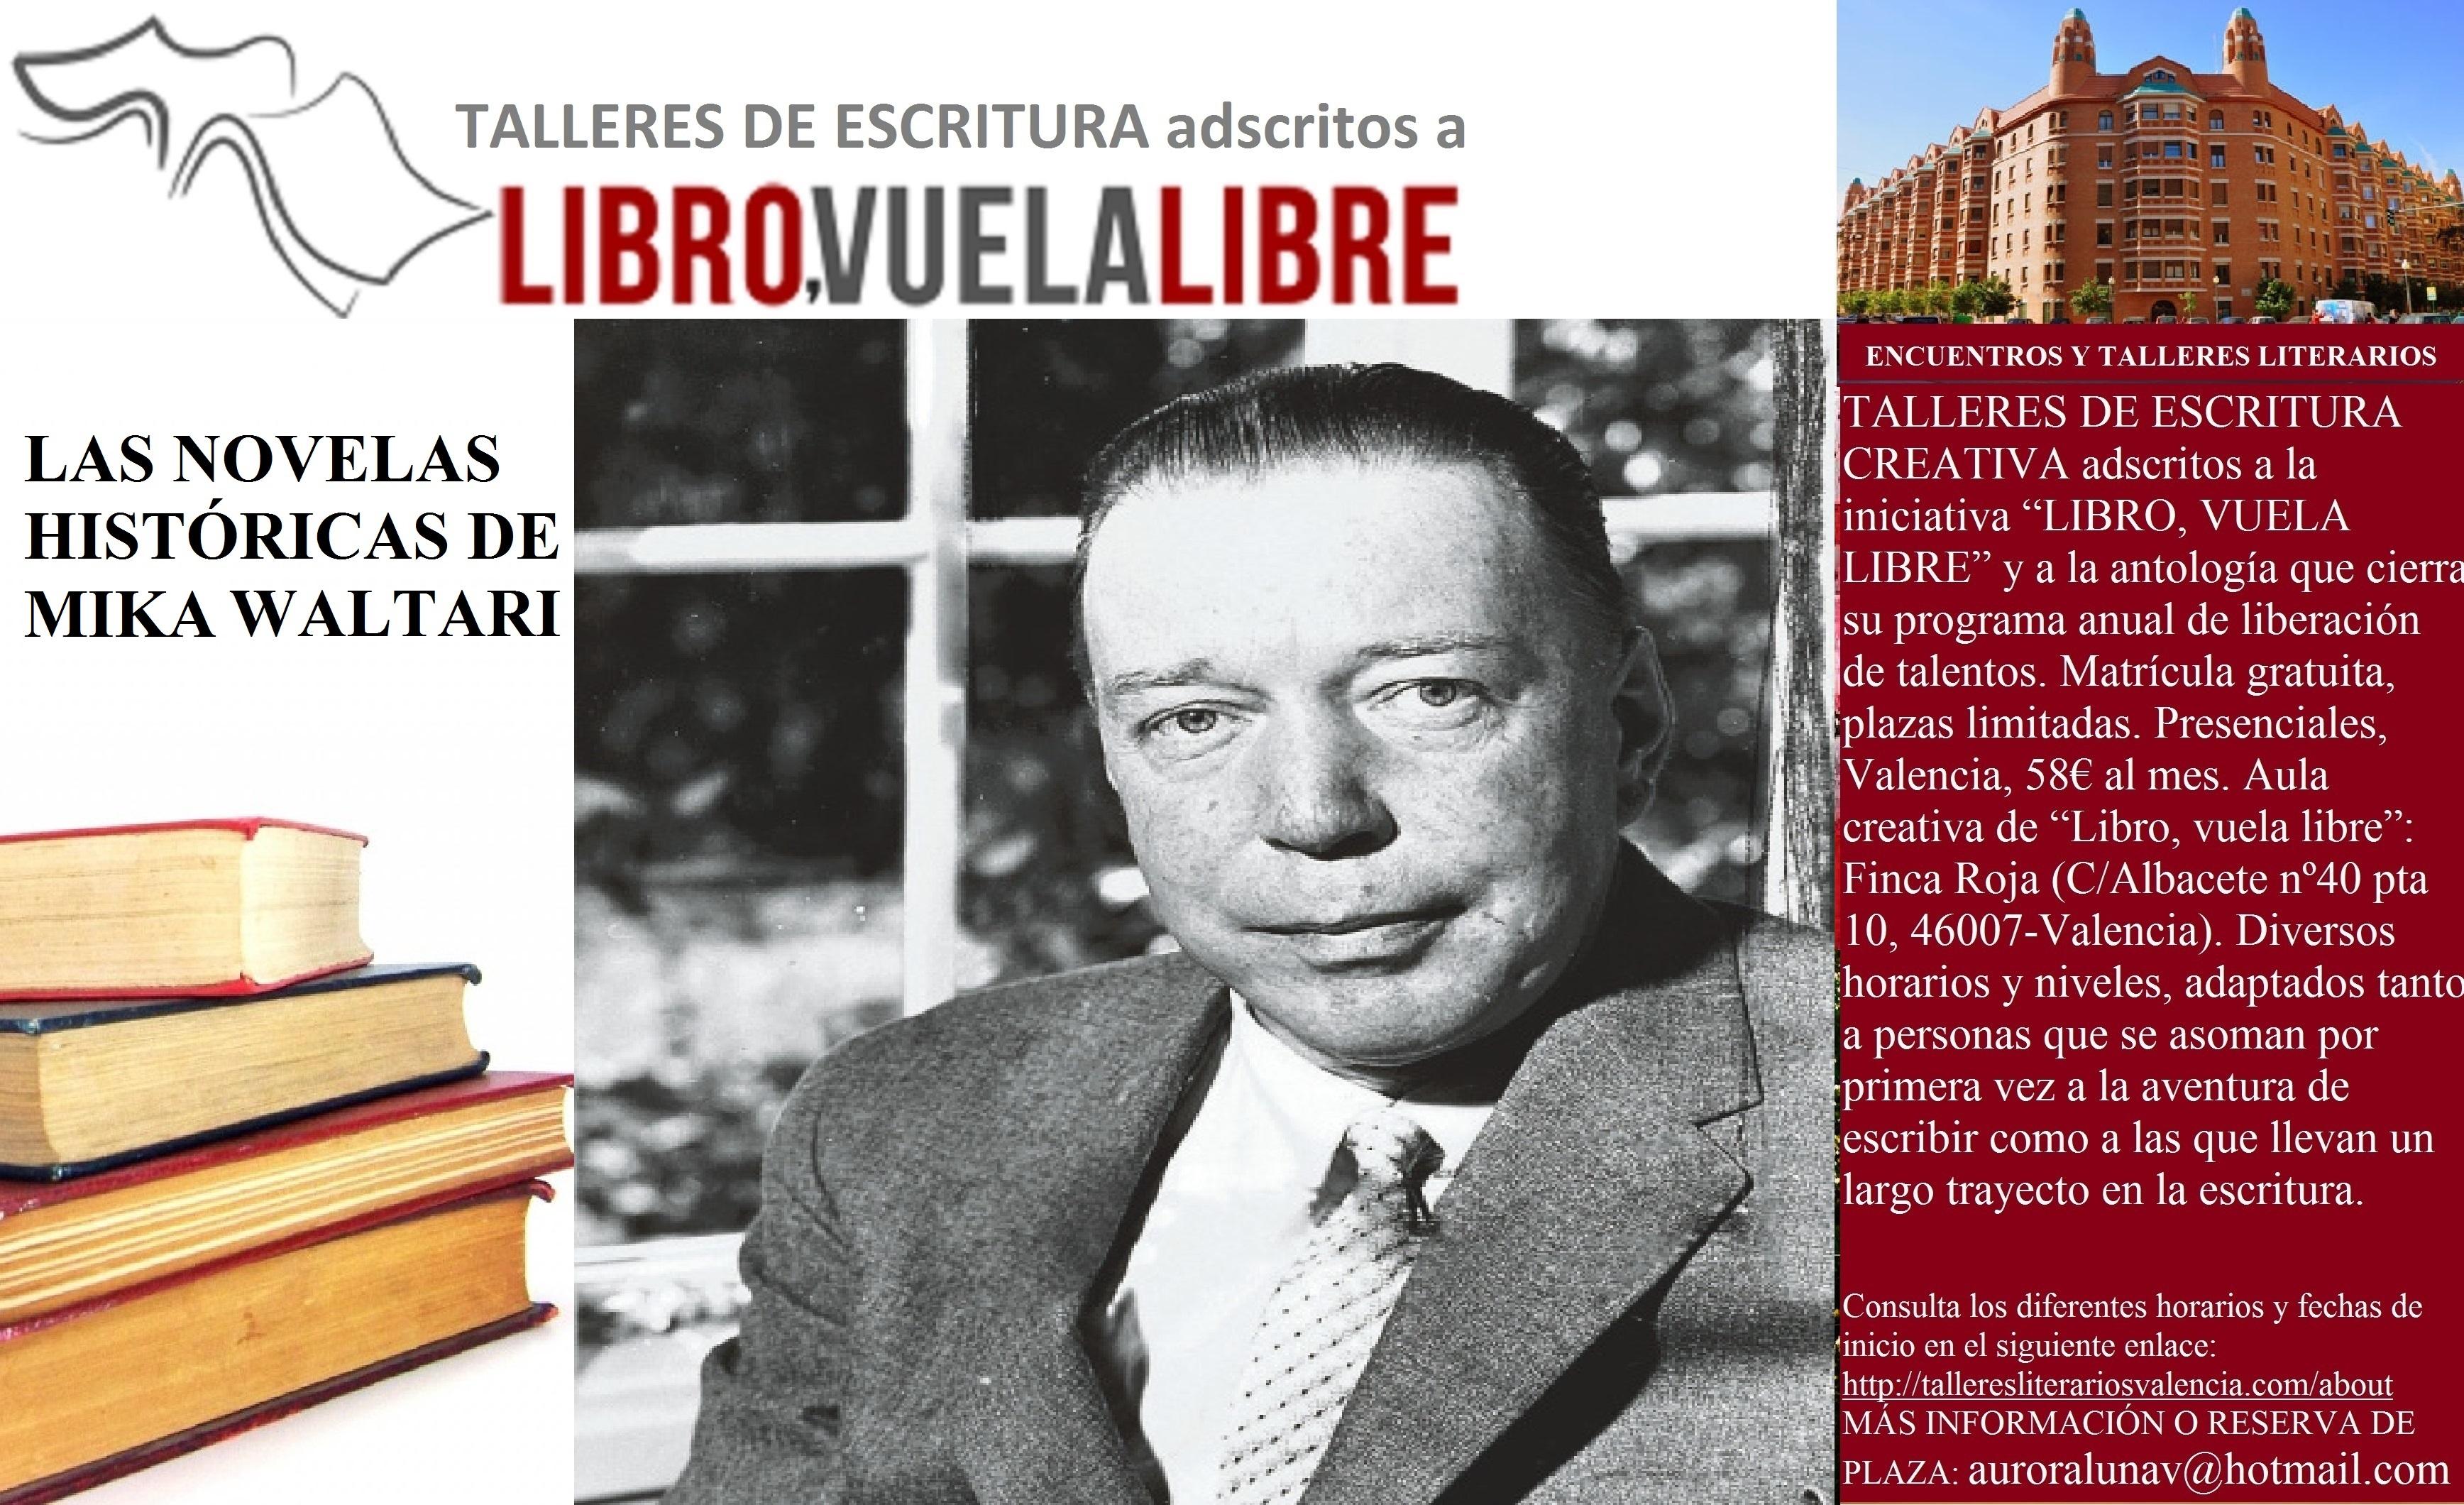 LAS NOVELAS HISTÓRICAS DE WALTARI. Taller de escritura en Valencia, tributos de la clave 107